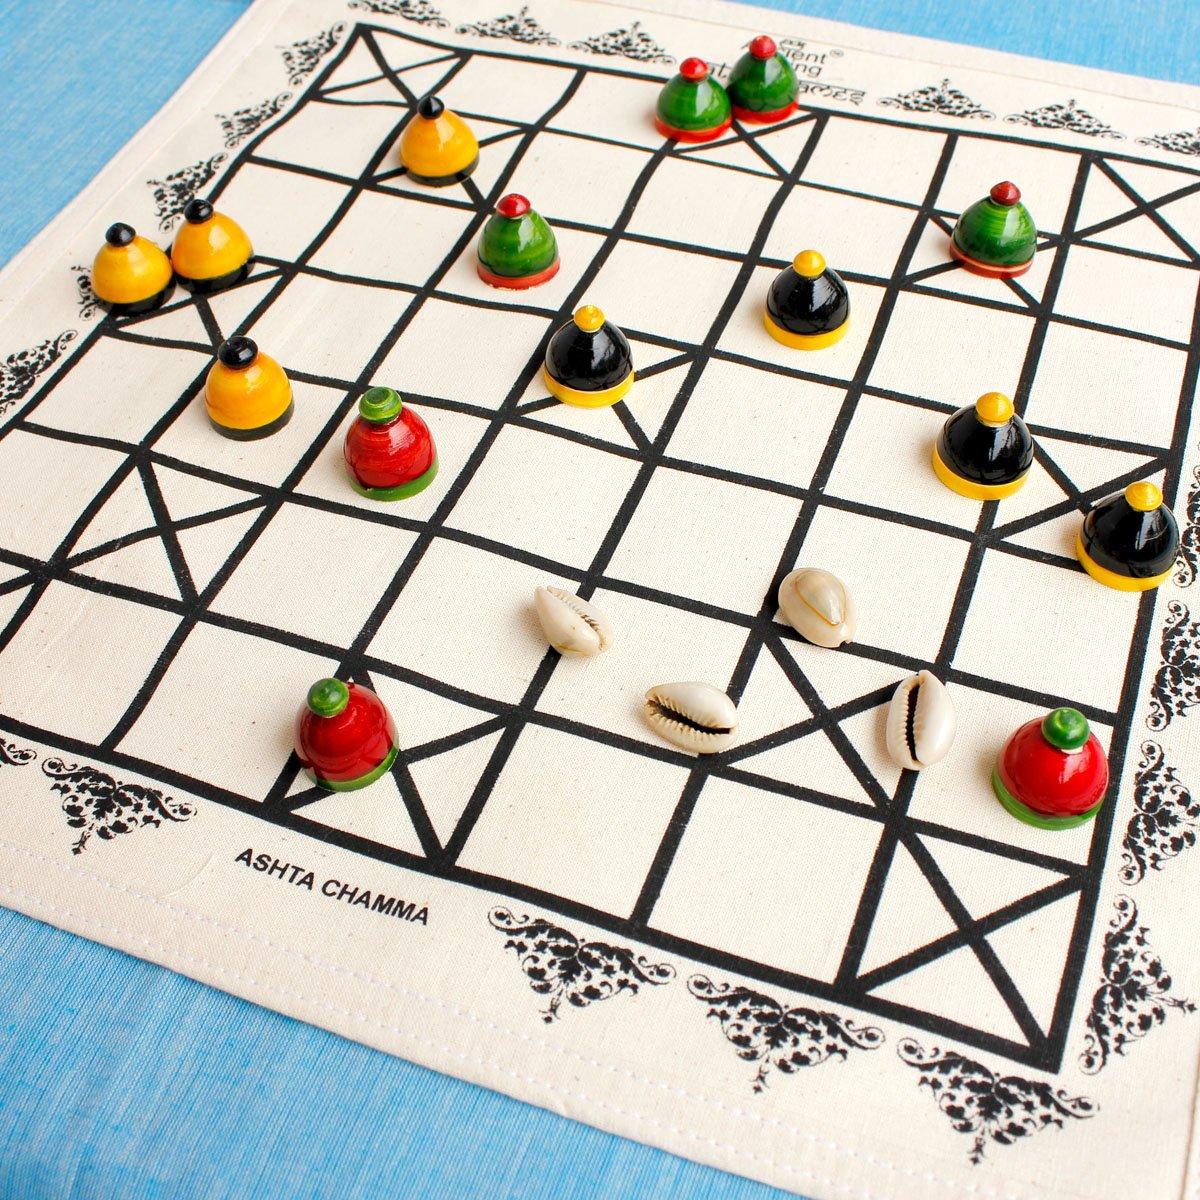 Ashta Chamma Native Game